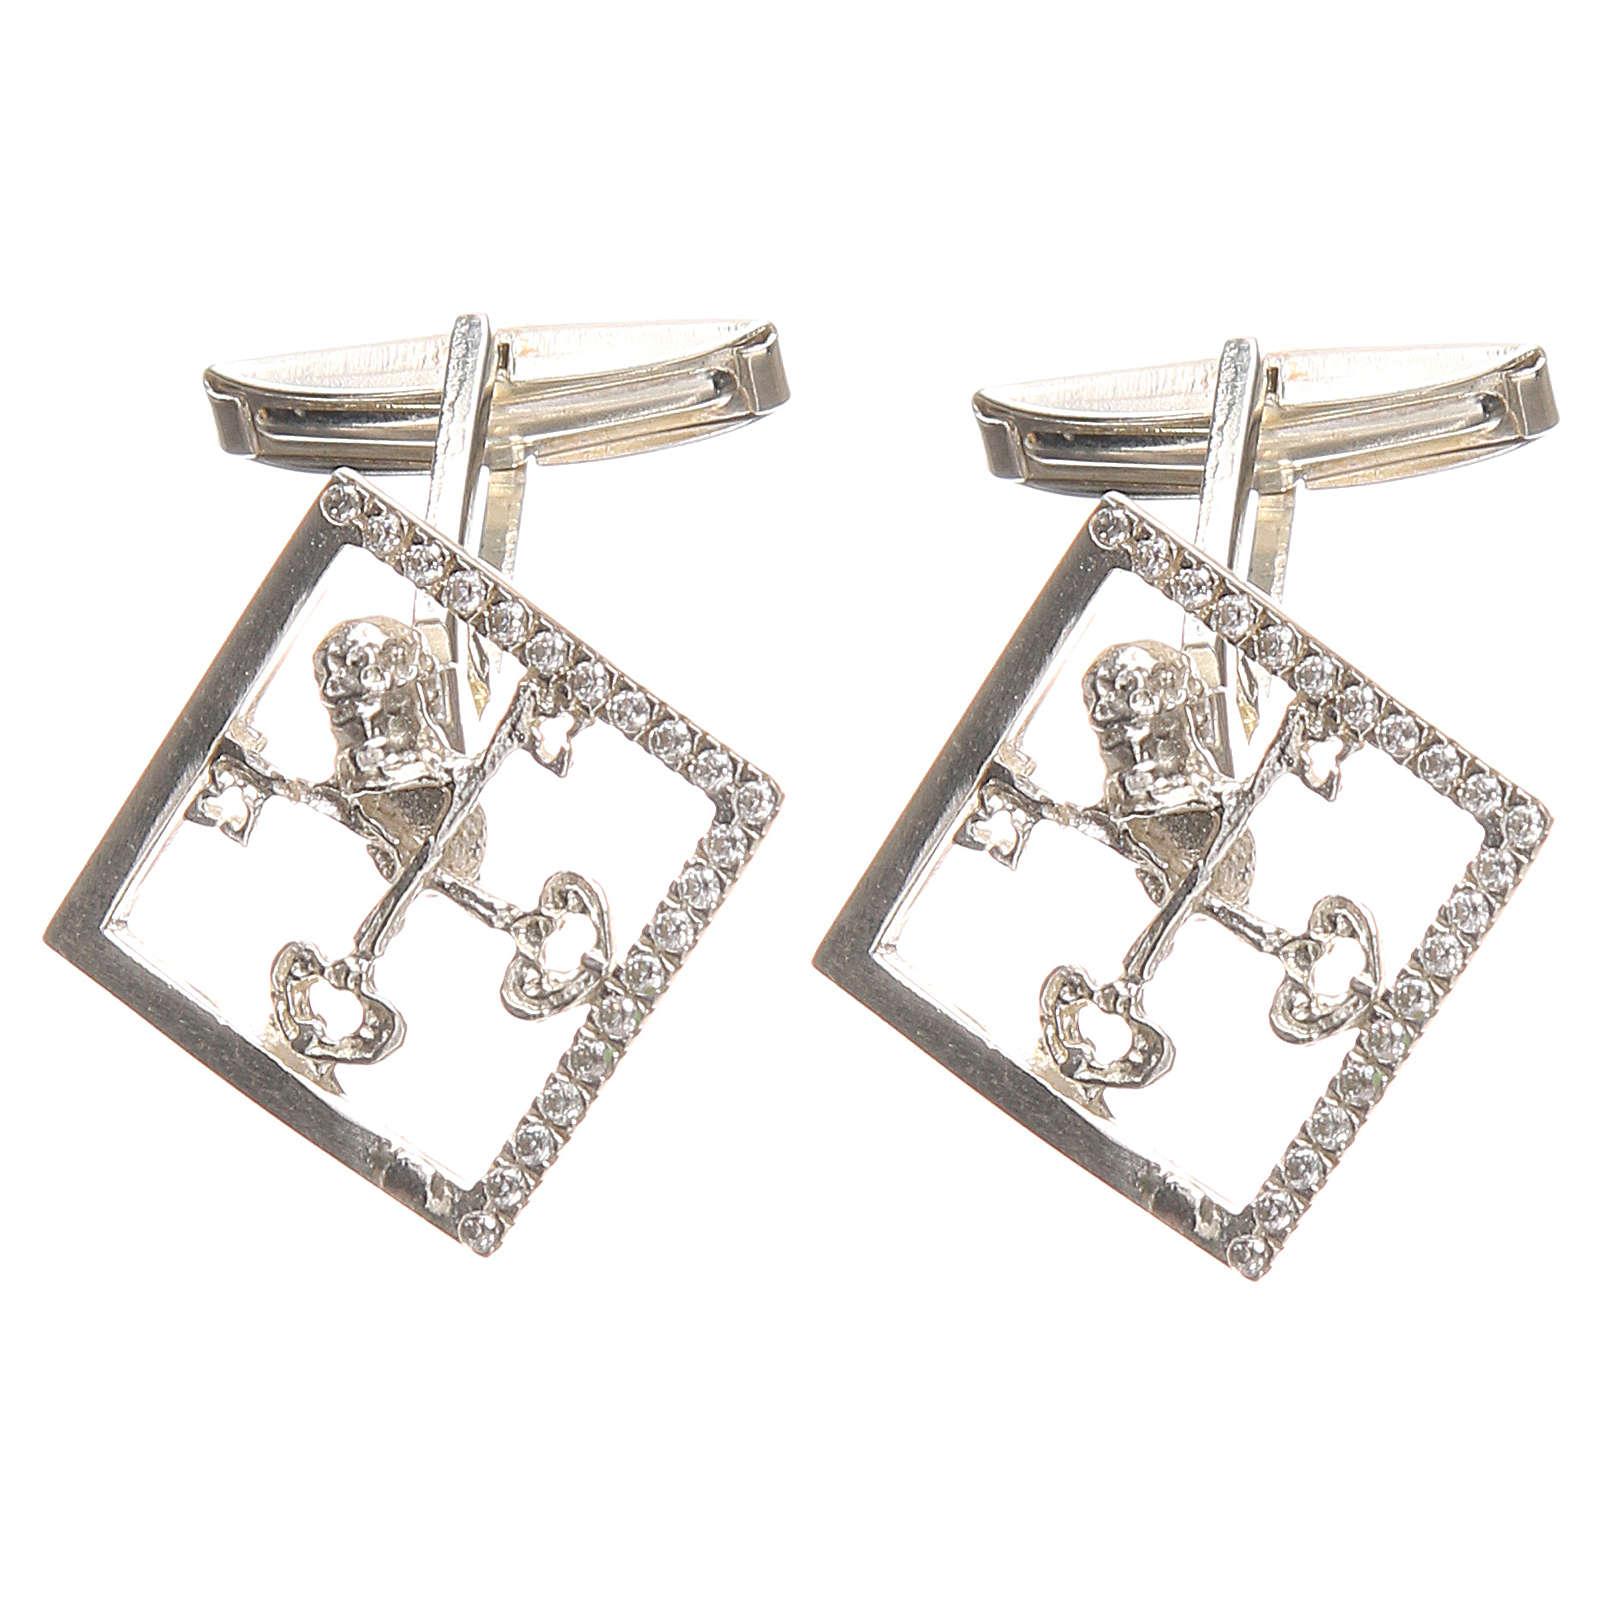 Boutons manchettes bijoux arg 925 rhodié Clés Vatican 1,7x1,7 cm 4